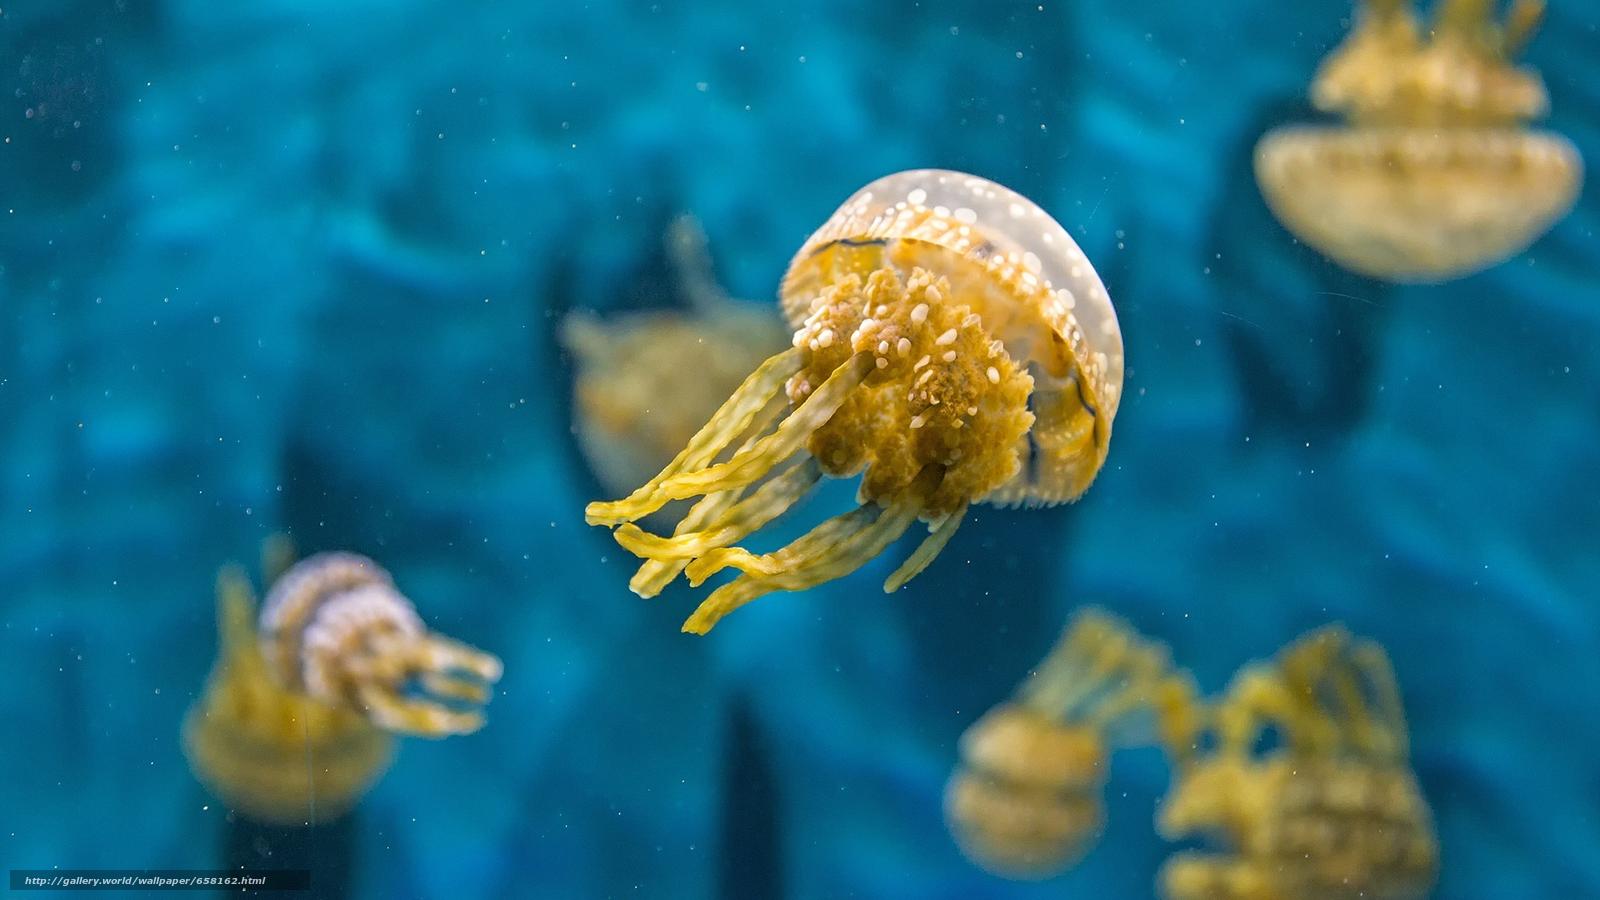 Скачать обои медуза,  медузы,  подводный мир,  вода бесплатно для рабочего стола в разрешении 2048x1152 — картинка №658162